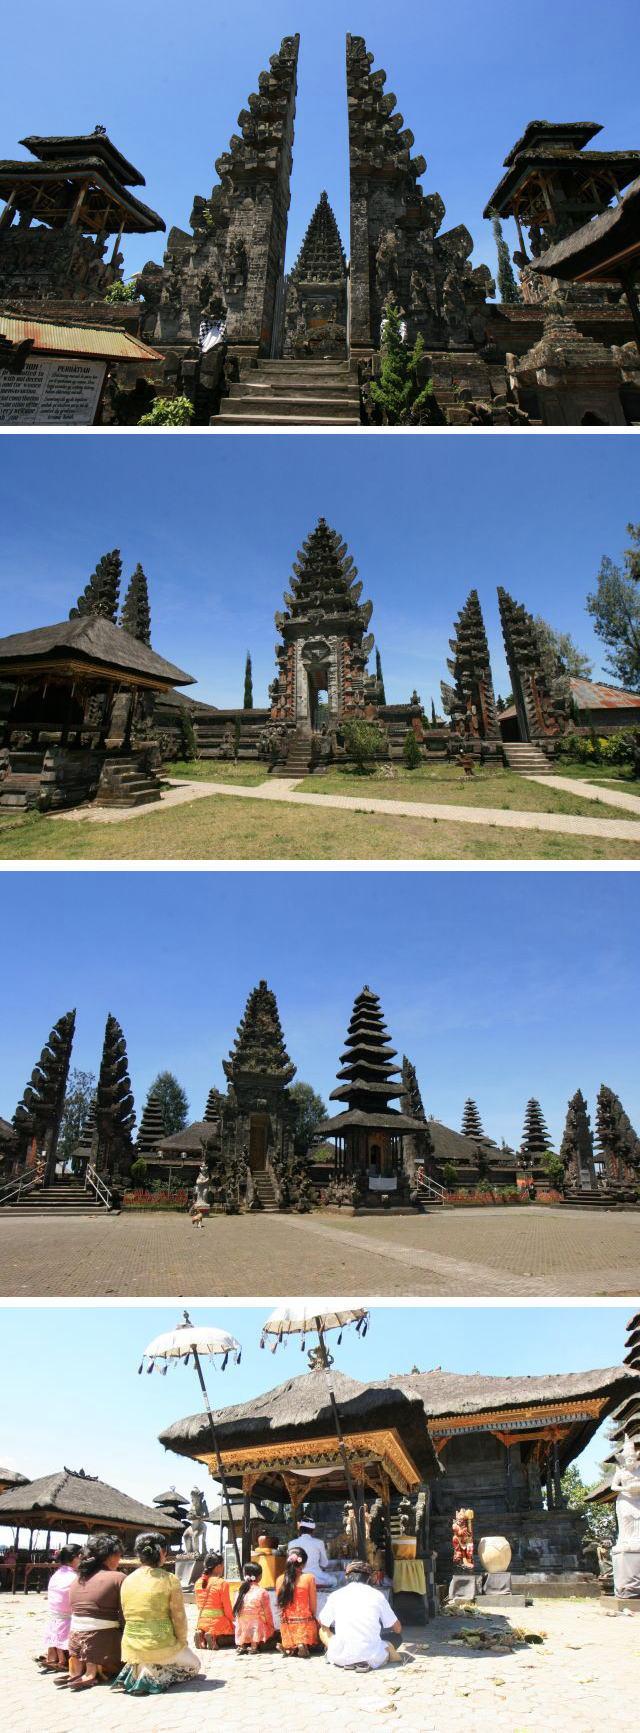 ウルンダヌバテュール寺院ブログサイズ